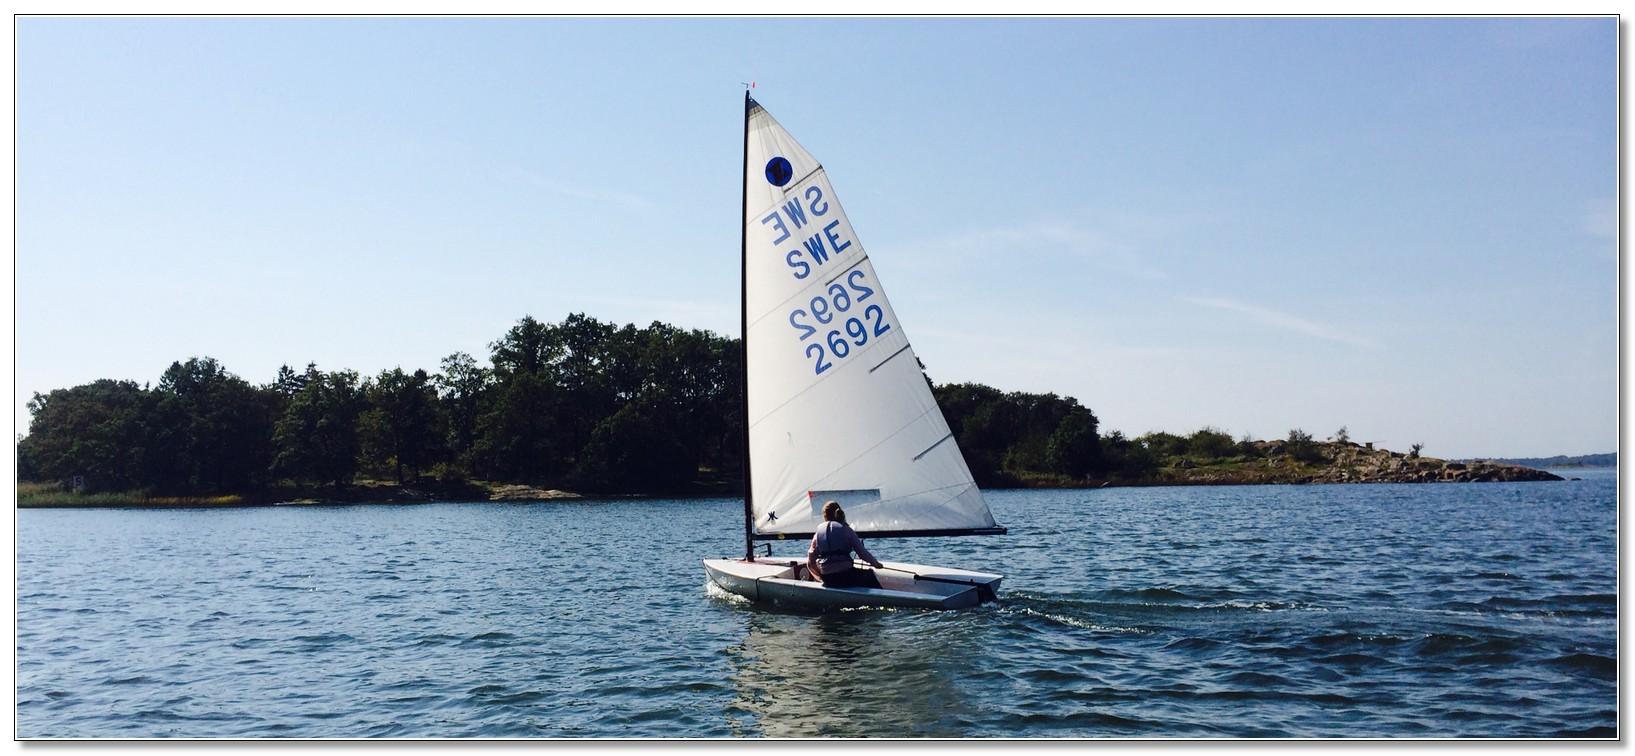 KJK segling 2014-09-07